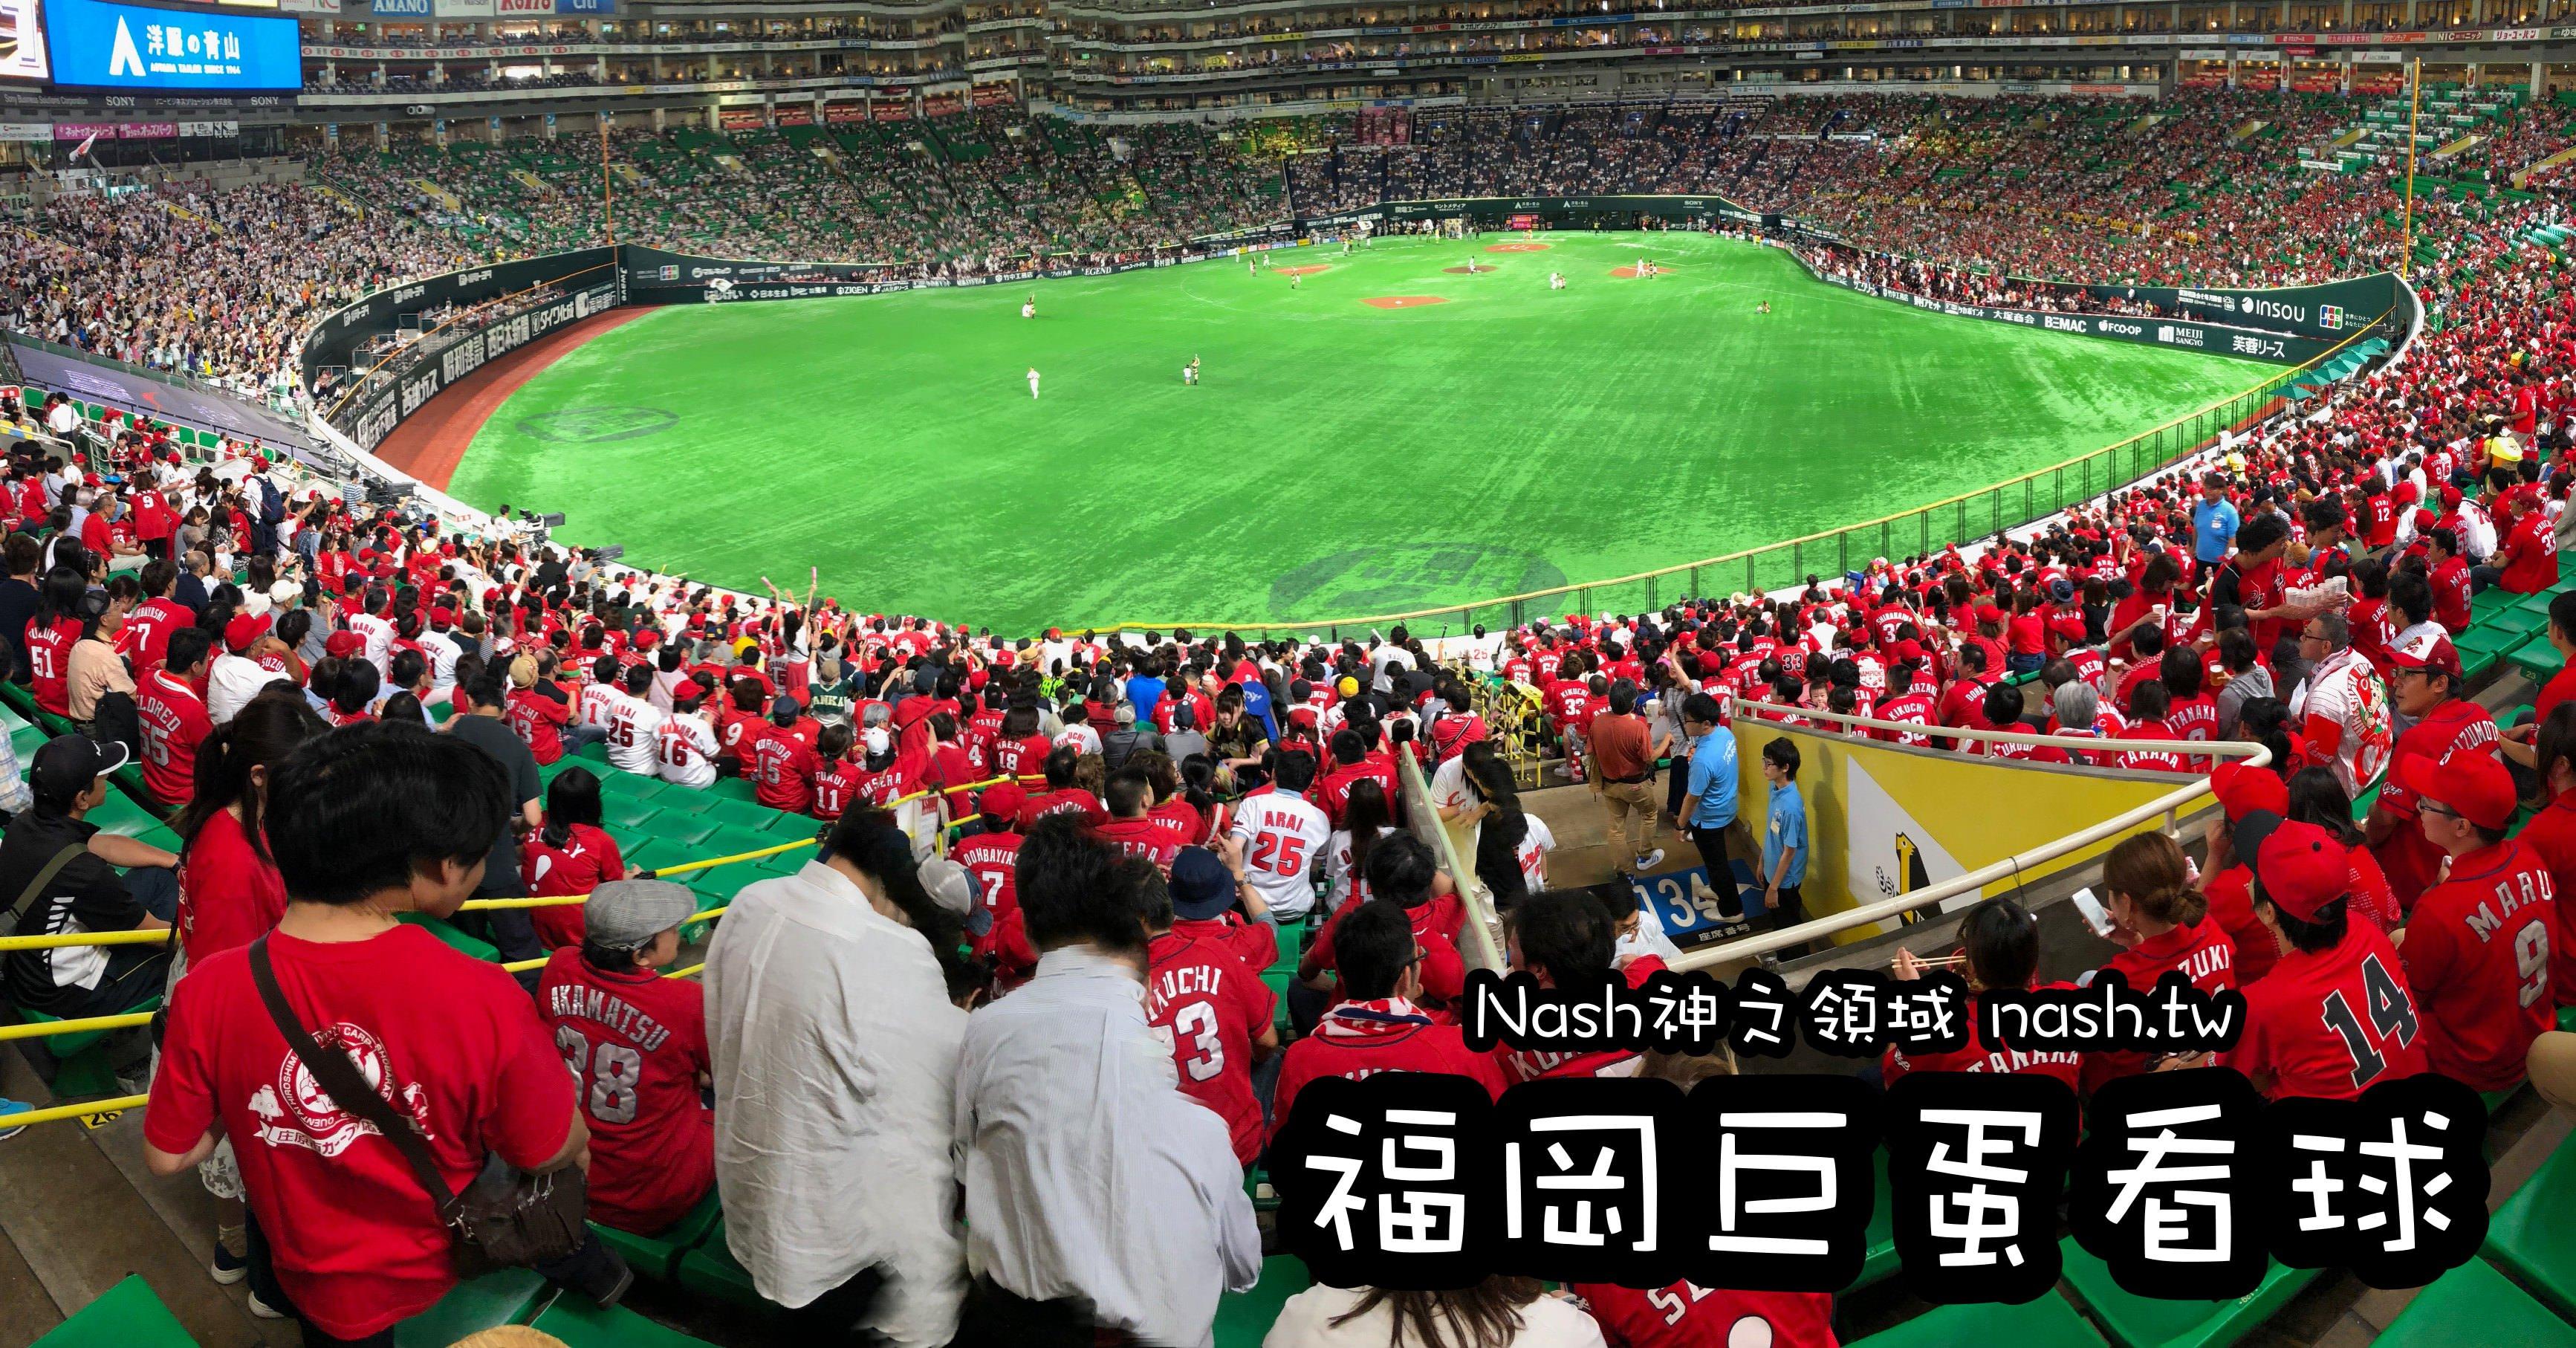 福岡巨蛋,福岡巨蛋賽程,福岡巨蛋球場,福岡巨蛋購票 @Nash,神之領域